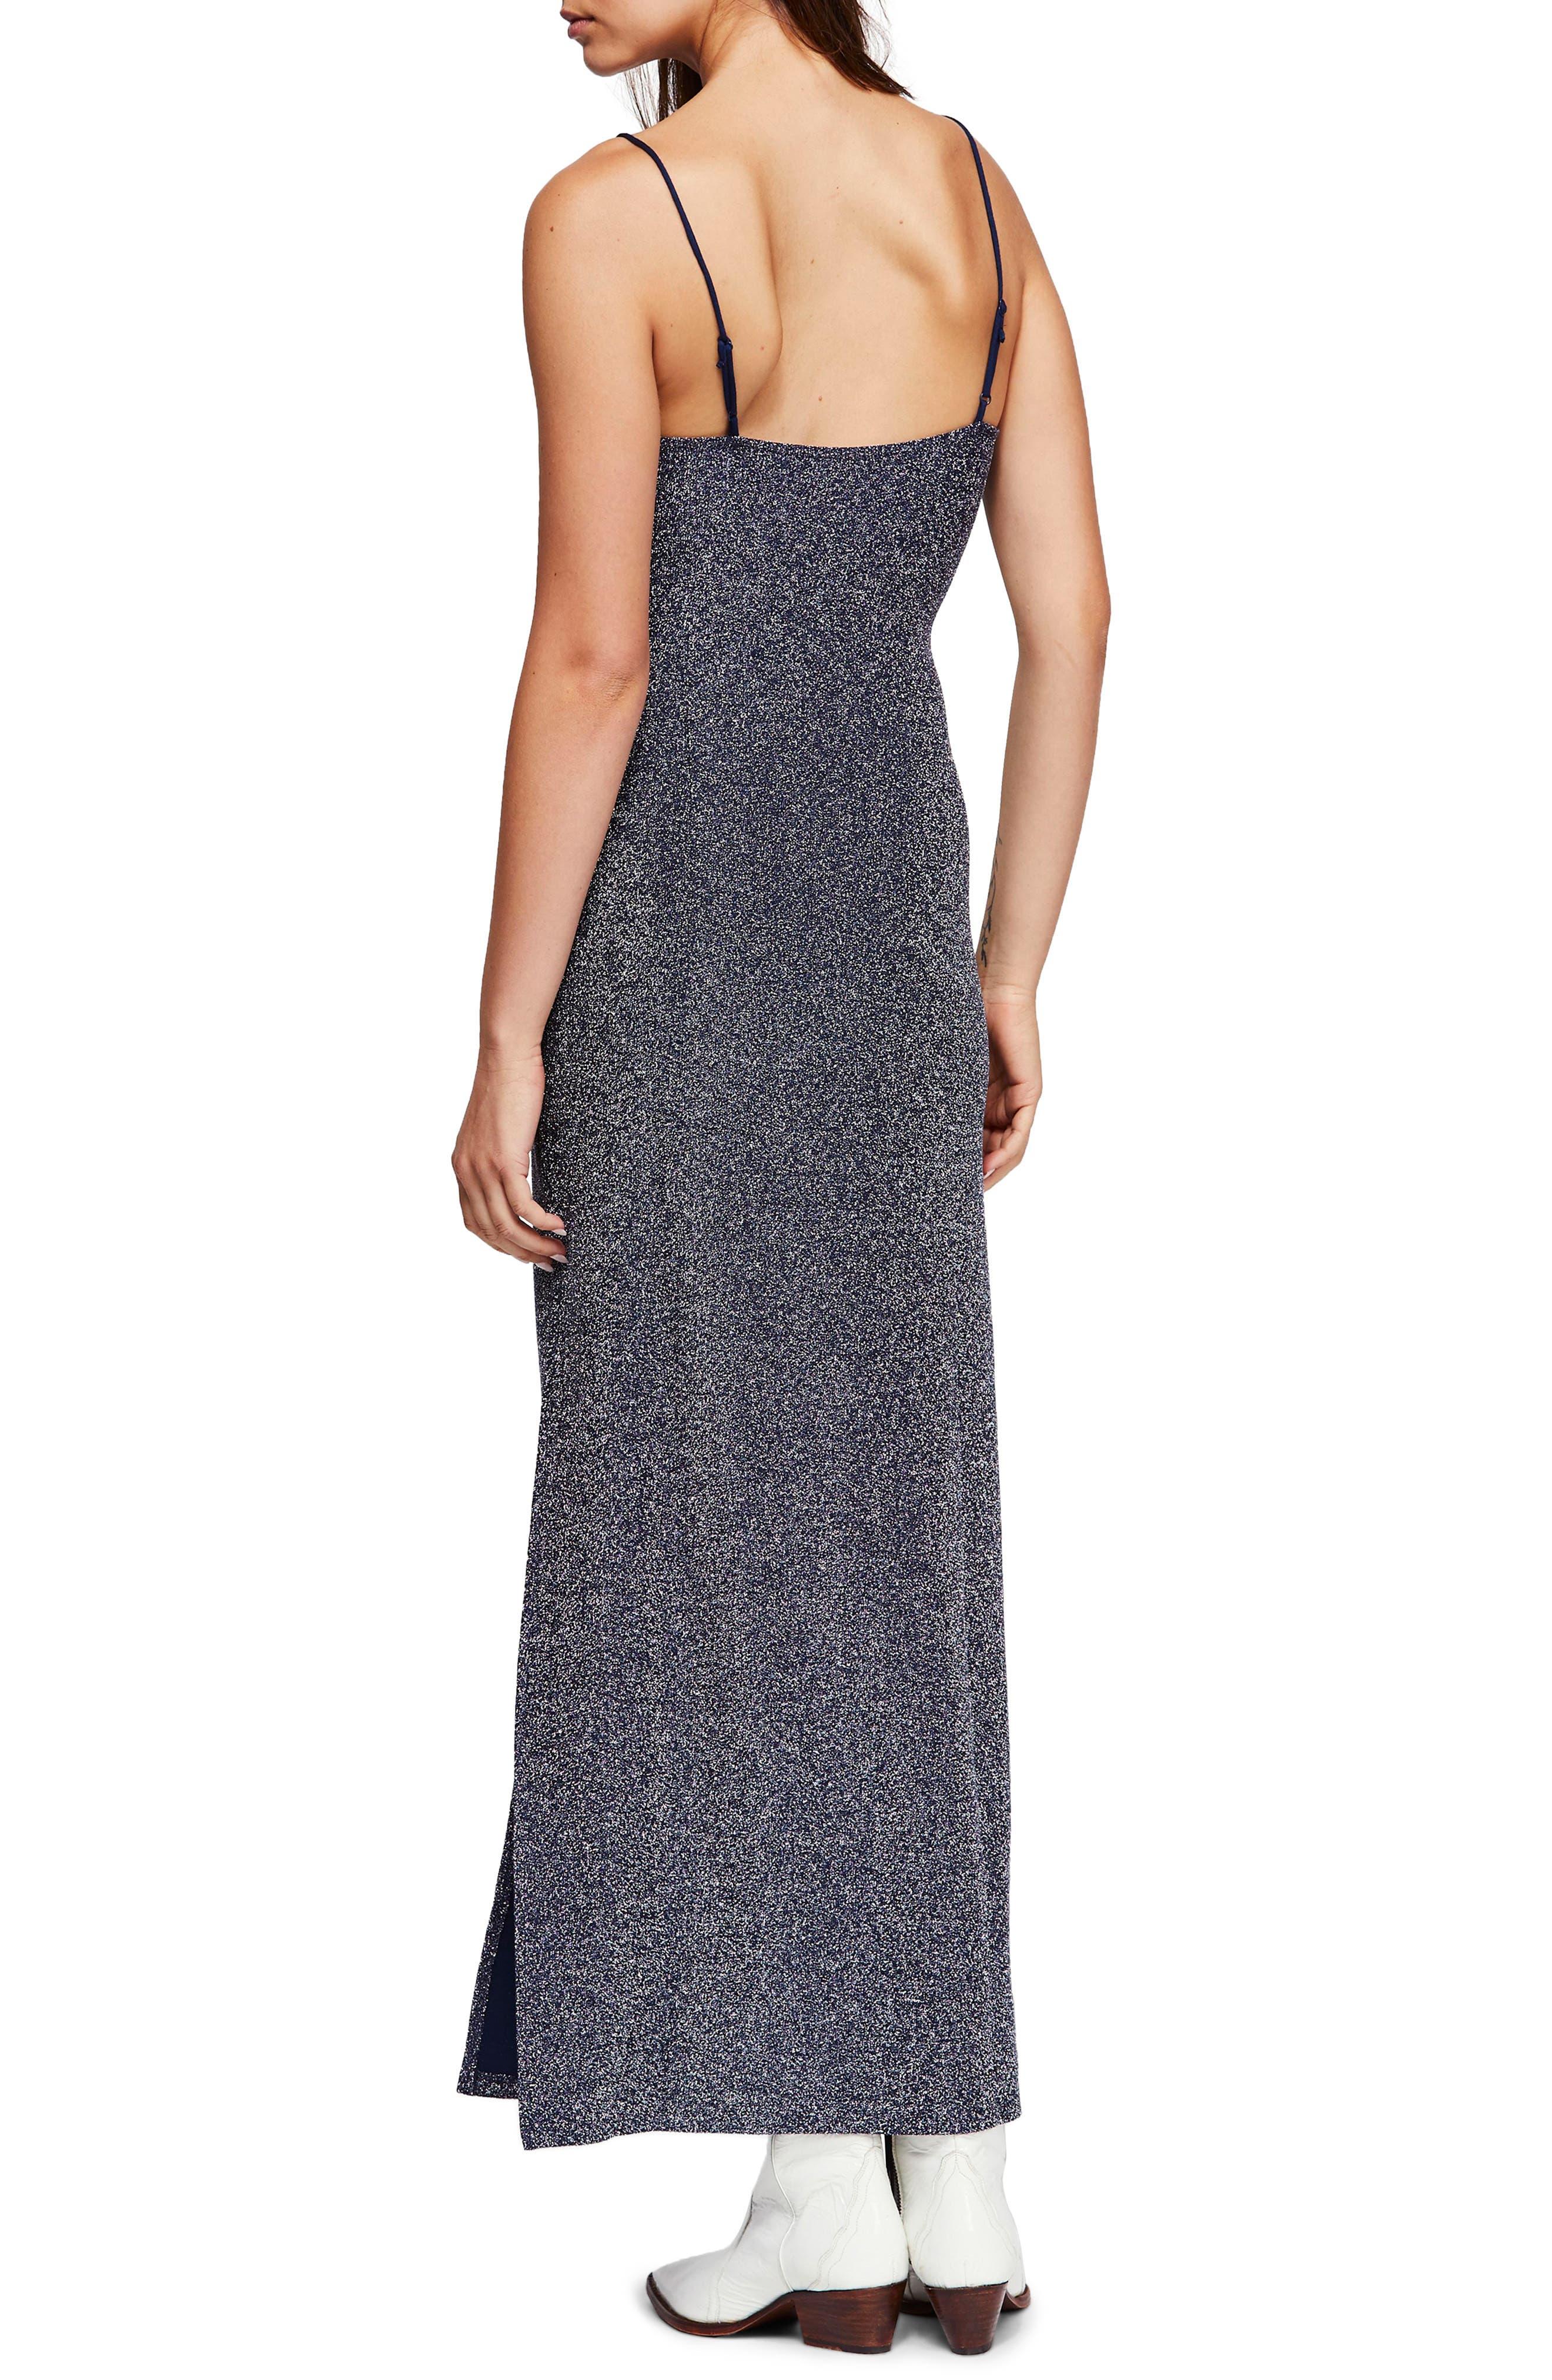 Lola Glitter Maxi Dress,                             Alternate thumbnail 2, color,                             020